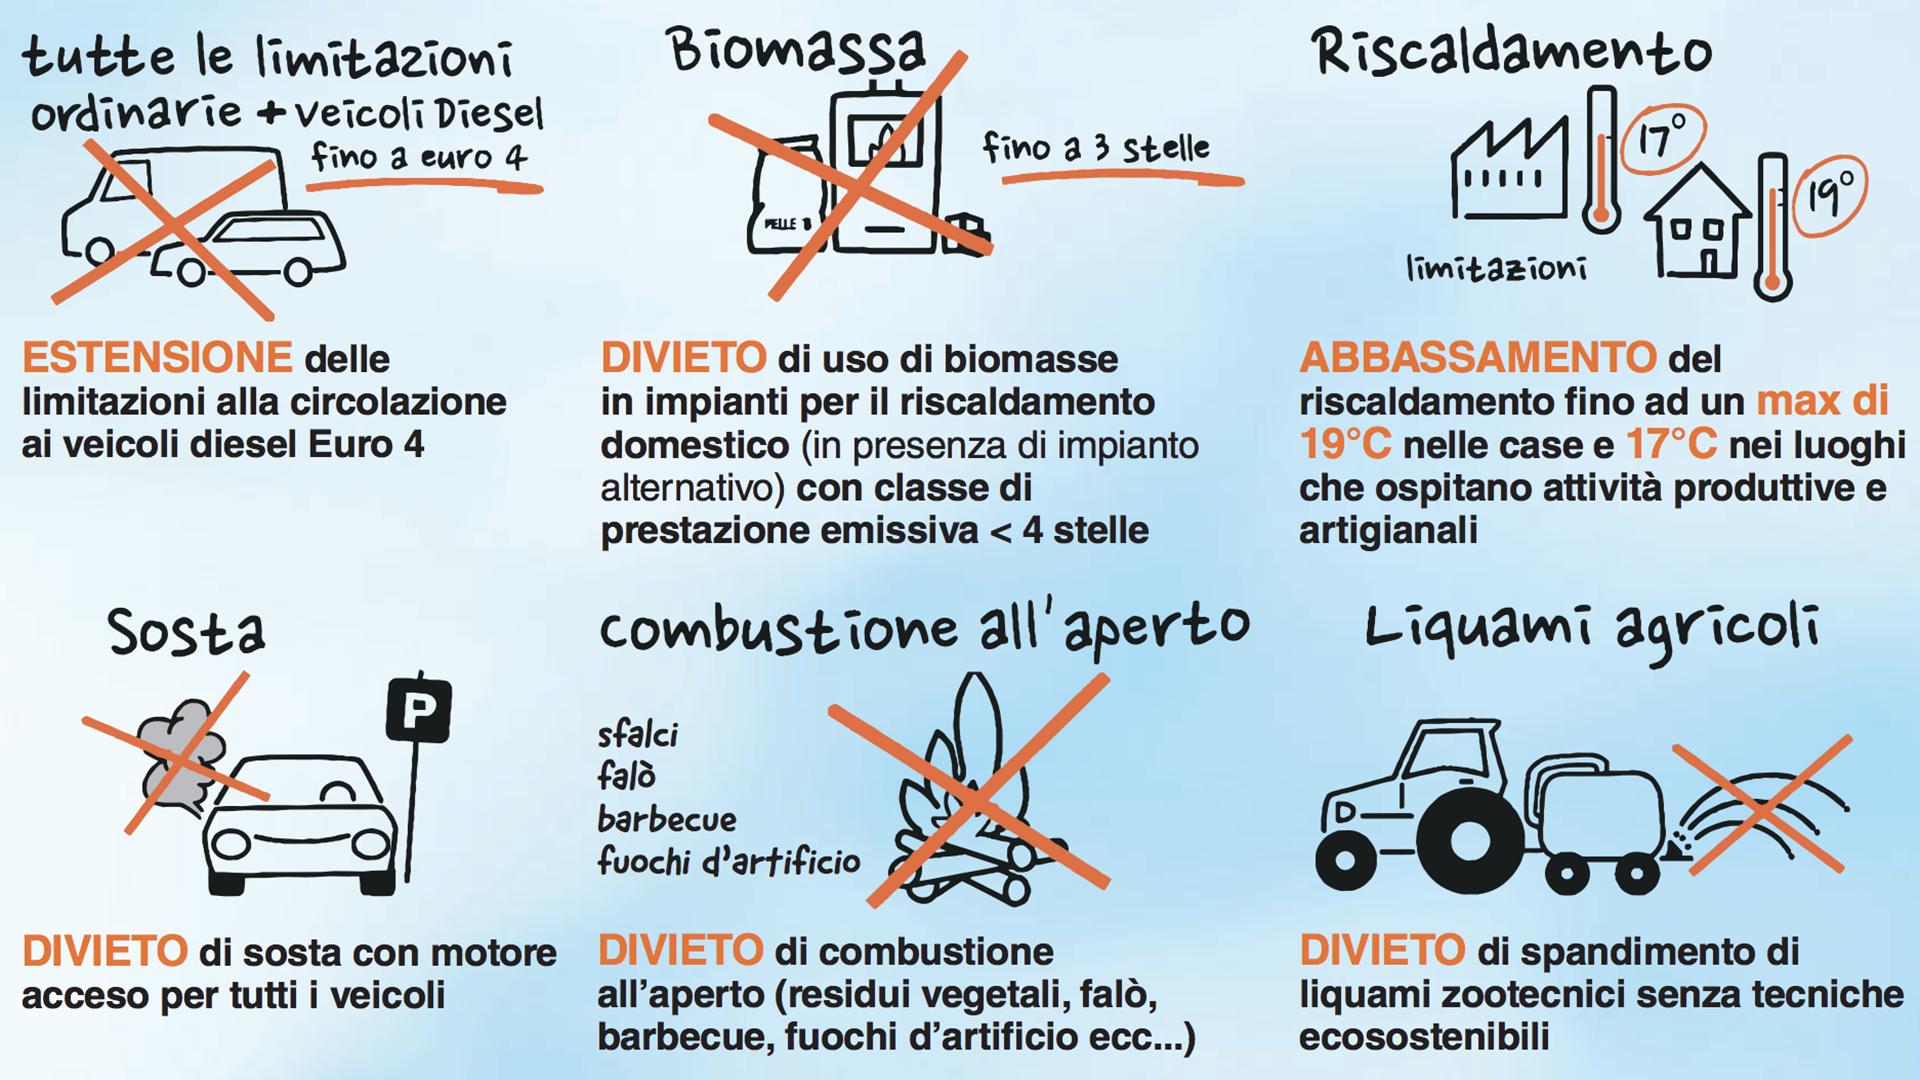 Superati i limiti di PM10: scattano le misure emergenziali a Bologna, Imola e nei Comuni dell'agglomerato